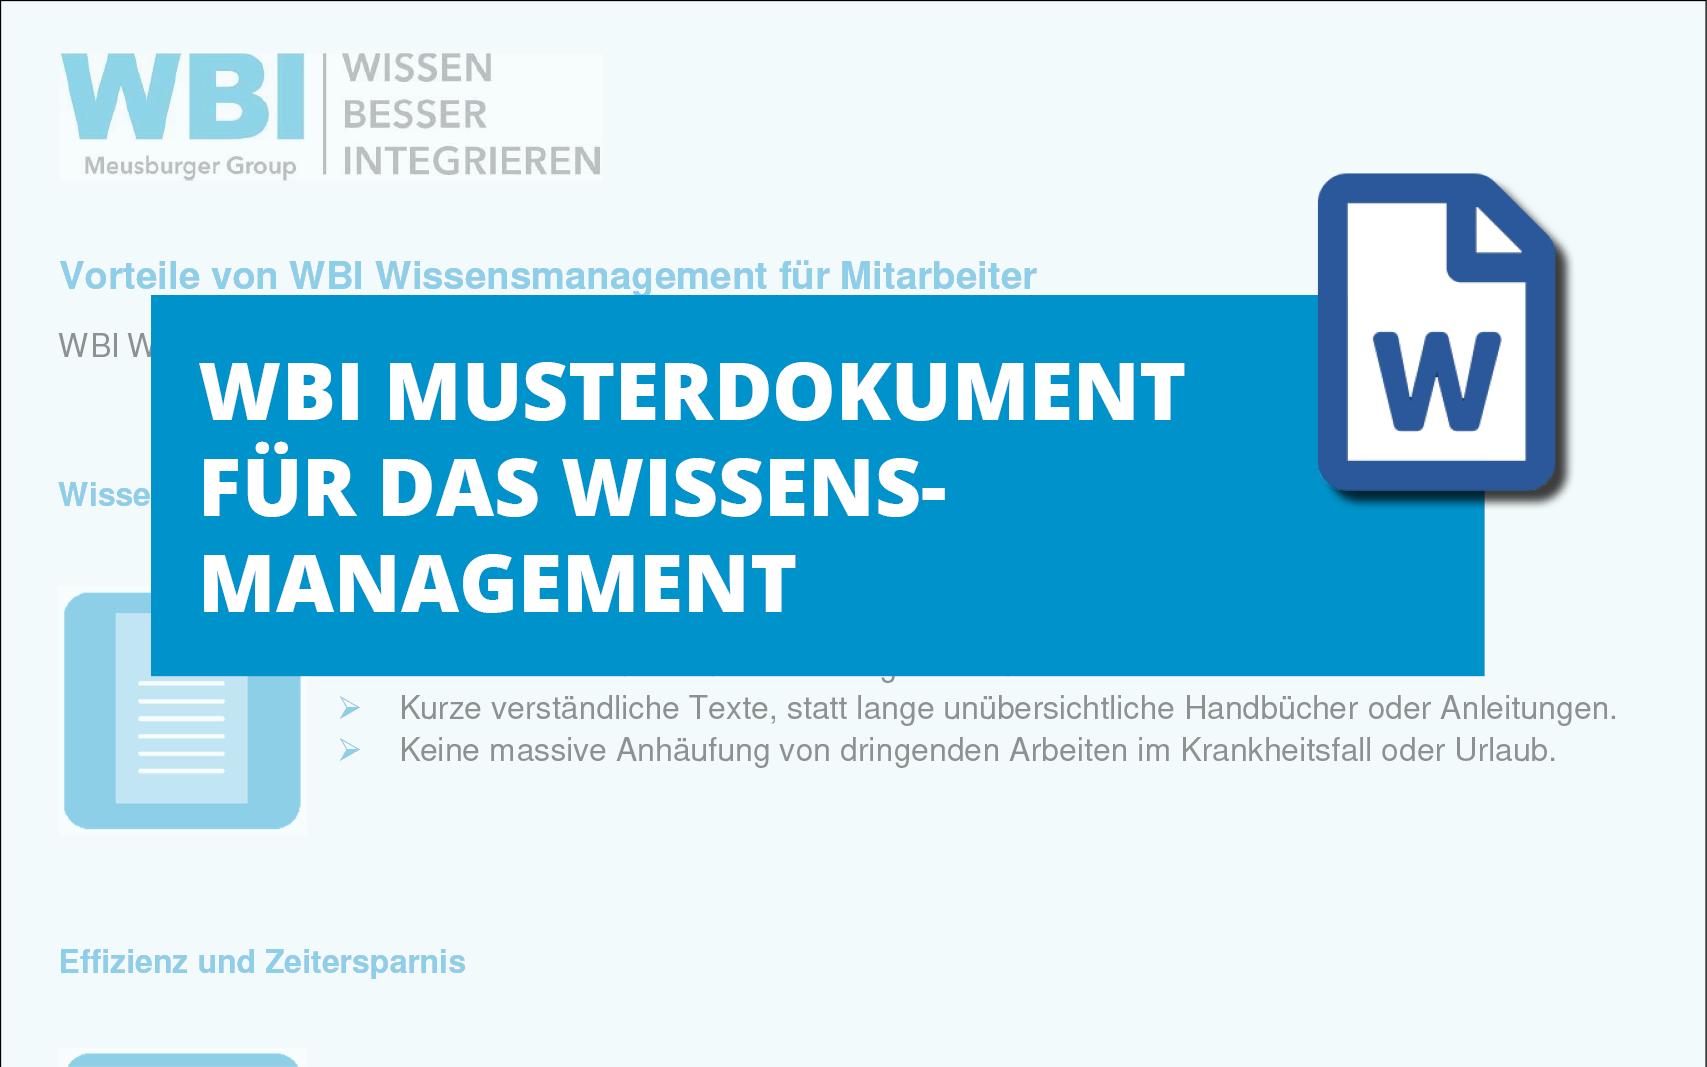 wbi-handout-vorteile-von-wbi-wissensmanagement-fuer-mitarbeiter